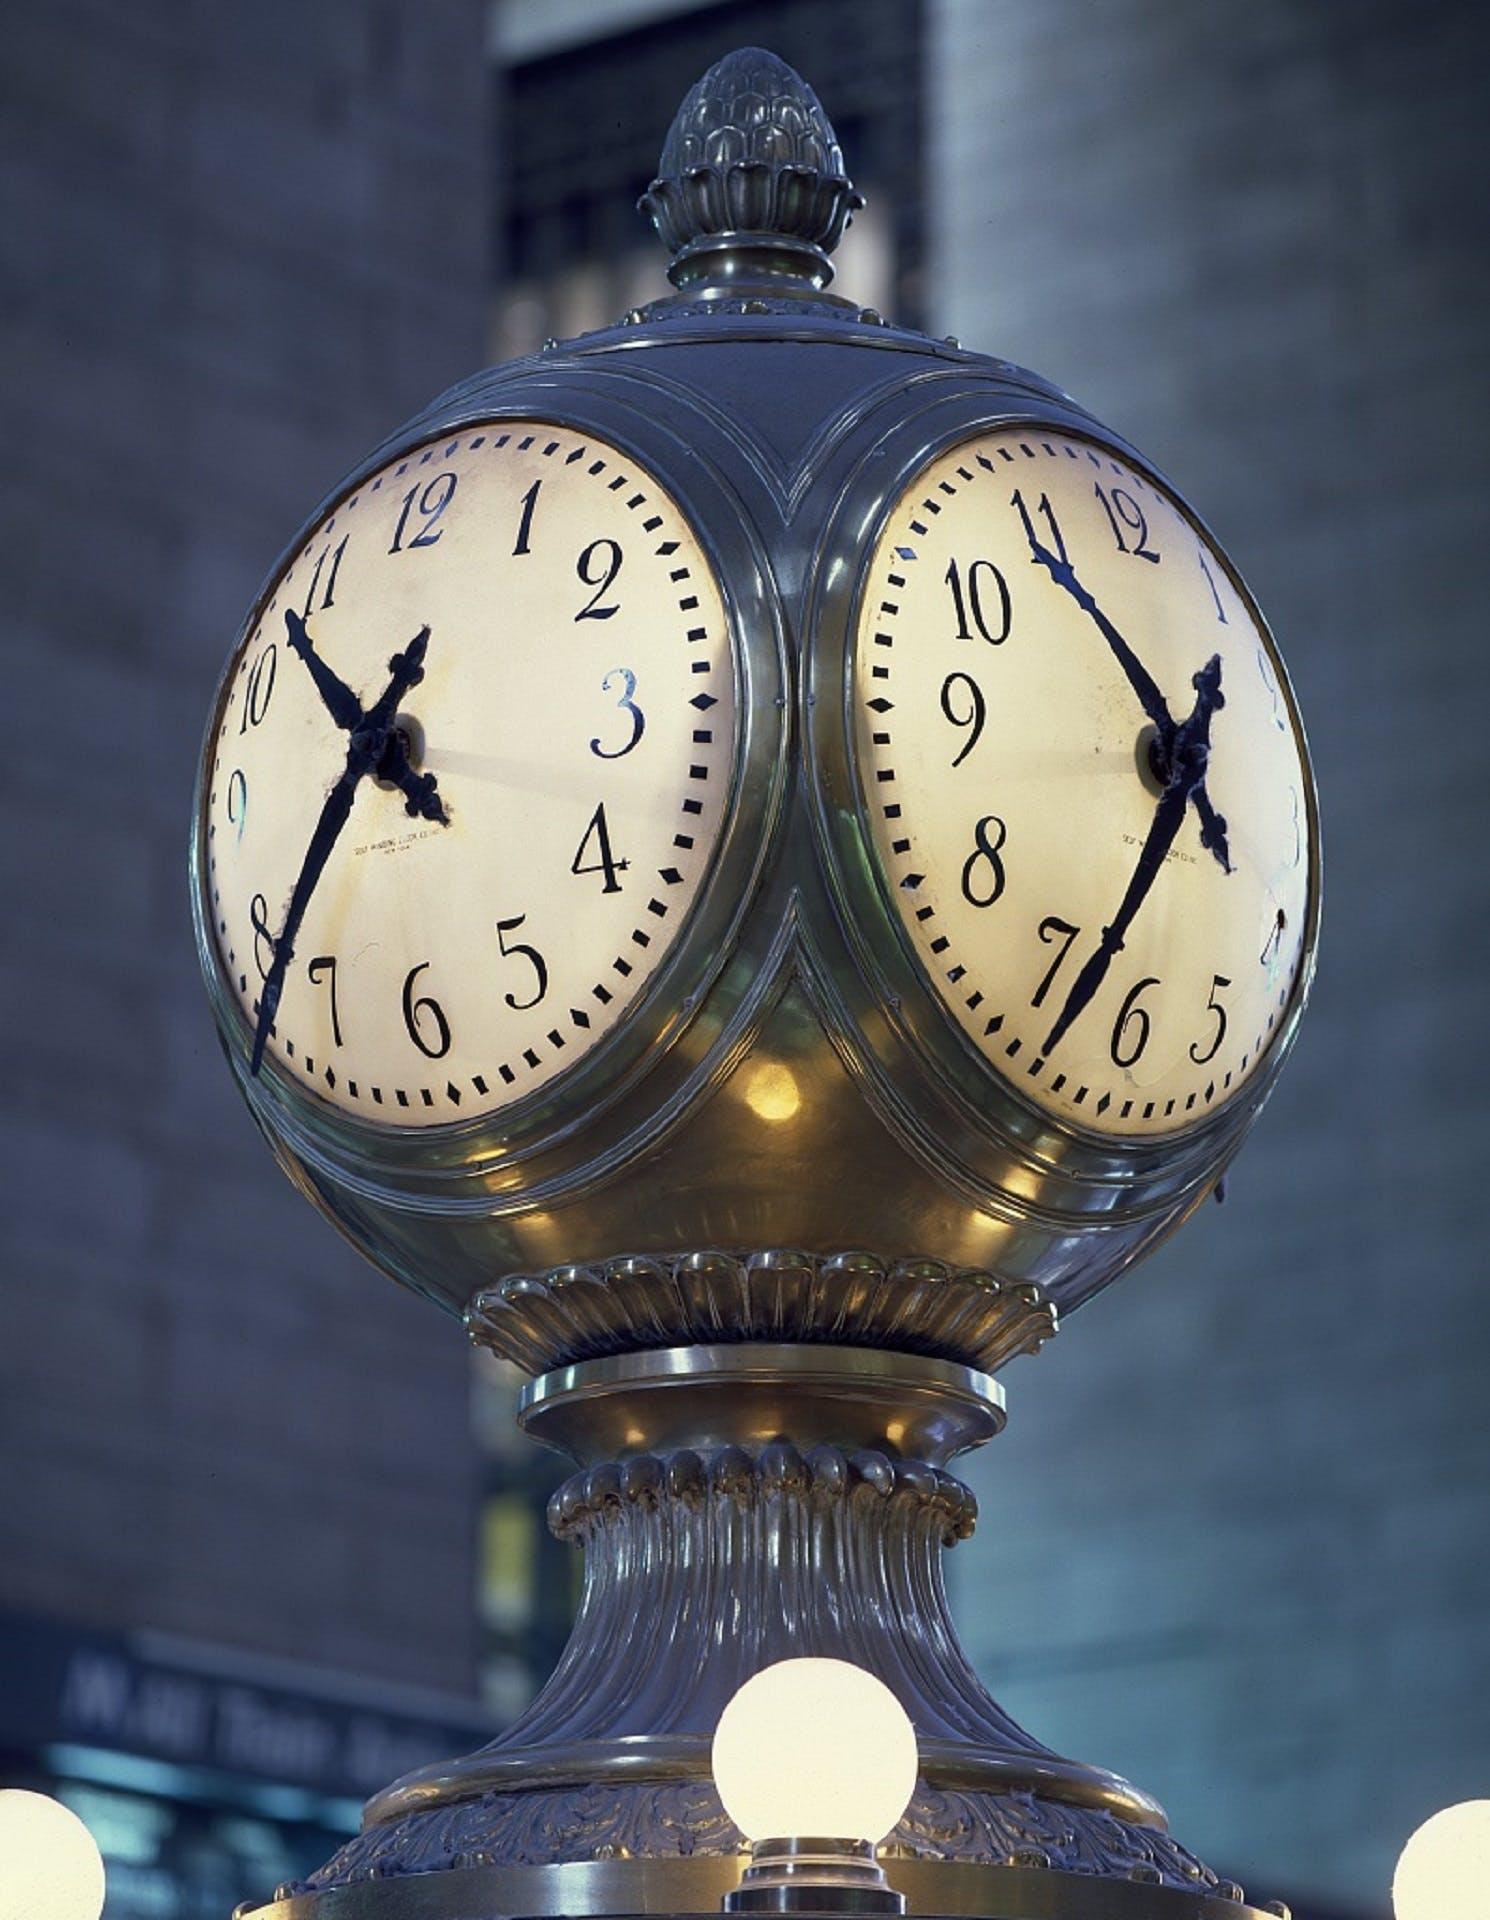 Kostenloses Stock Foto zu bahnhofshalle, grand central station, manhattan, new york city